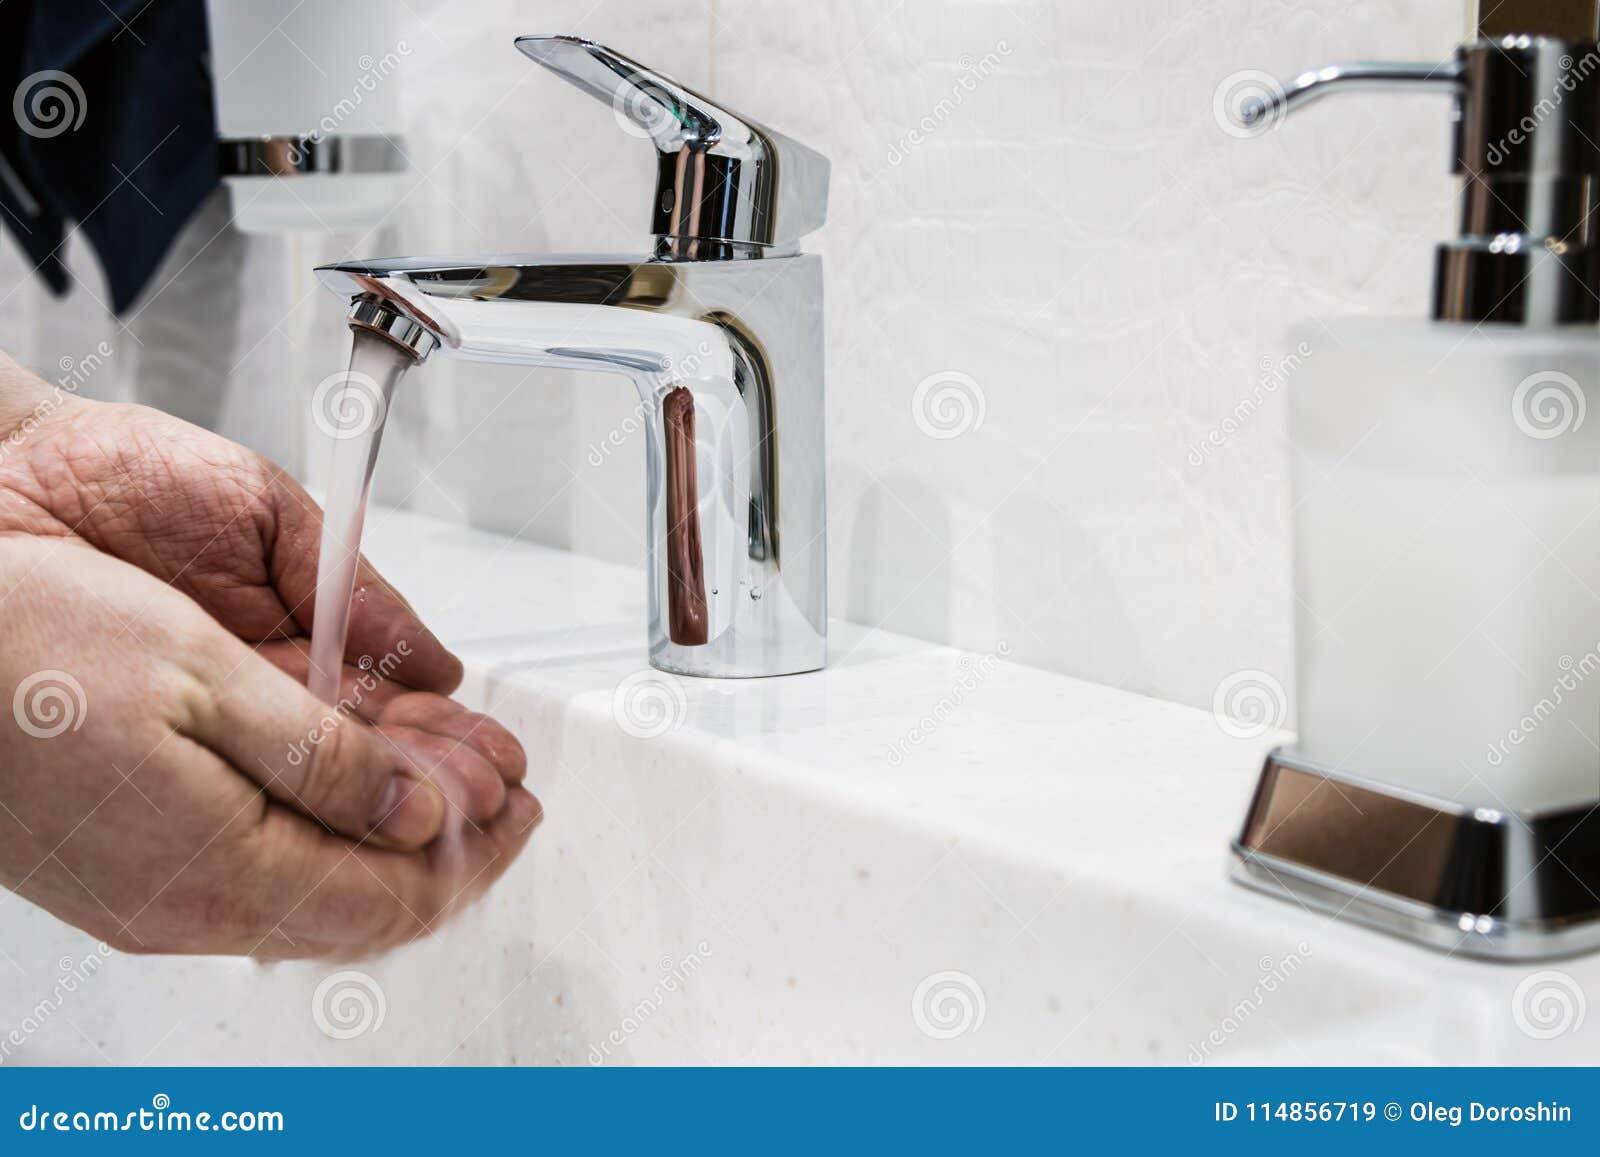 wasserhahn im badezimmer oder in der toilette stockbild - bild von